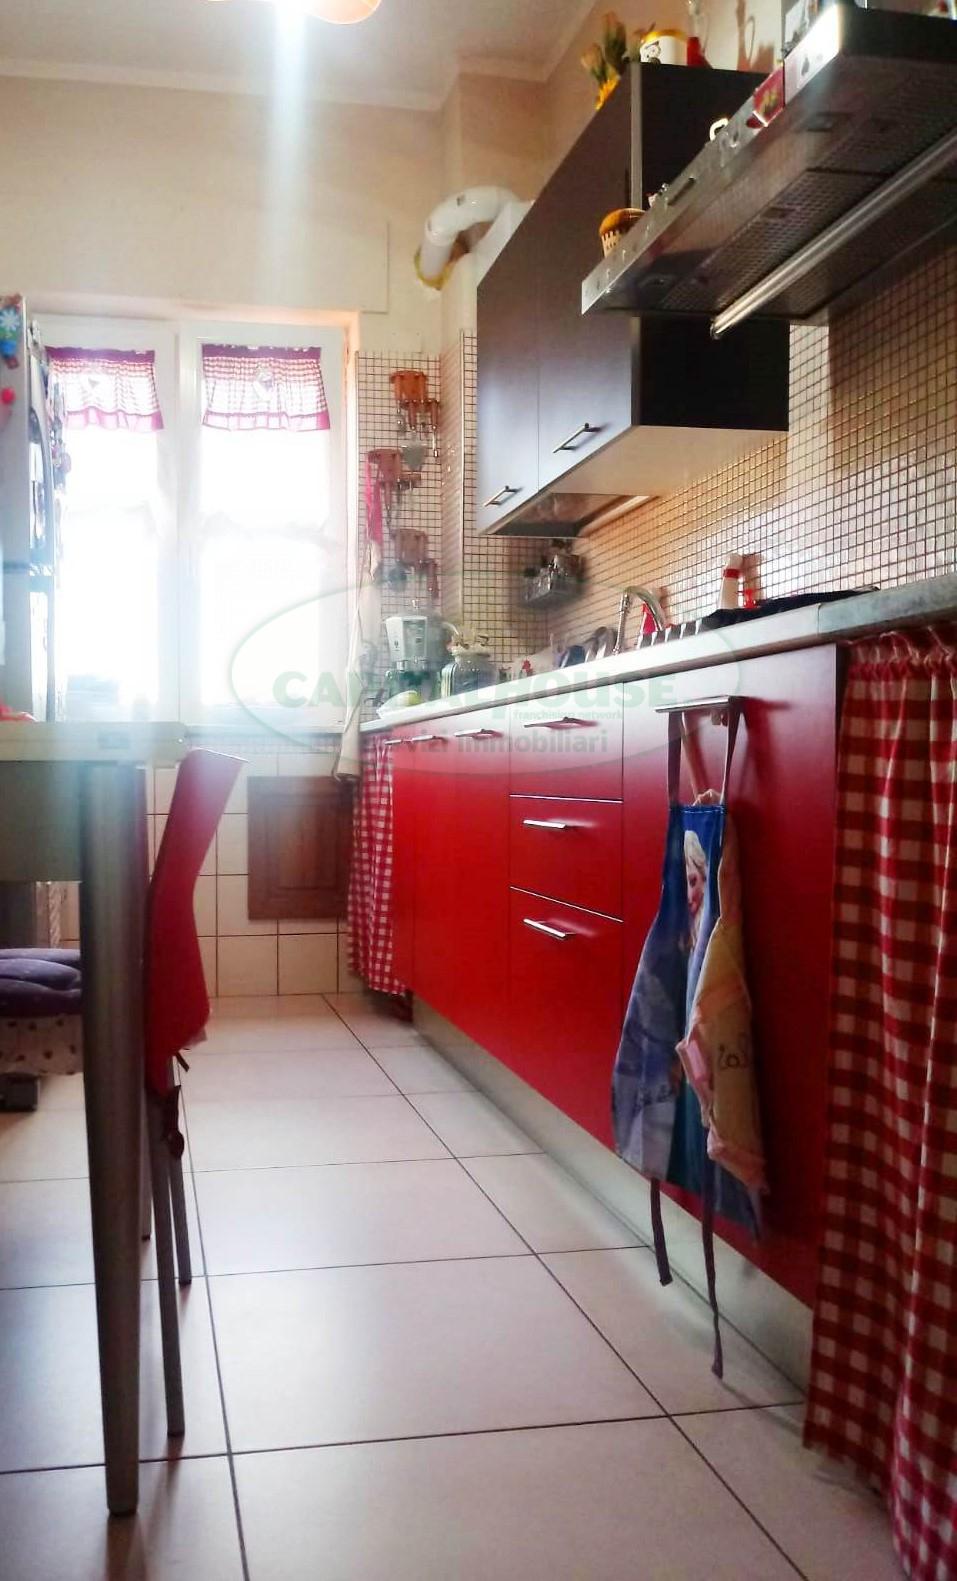 Appartamento AVELLINO vendita  Via Piave  CAPITALHOUSE AVELLINO2 ESCLUSIVA SRL